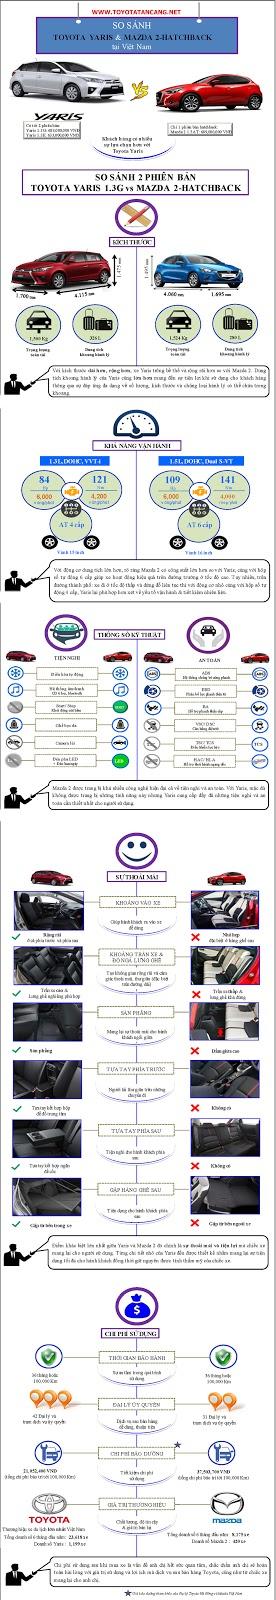 [Infographic] So sánh Toyota Yaris và Mazda 2 Hatchback 2015